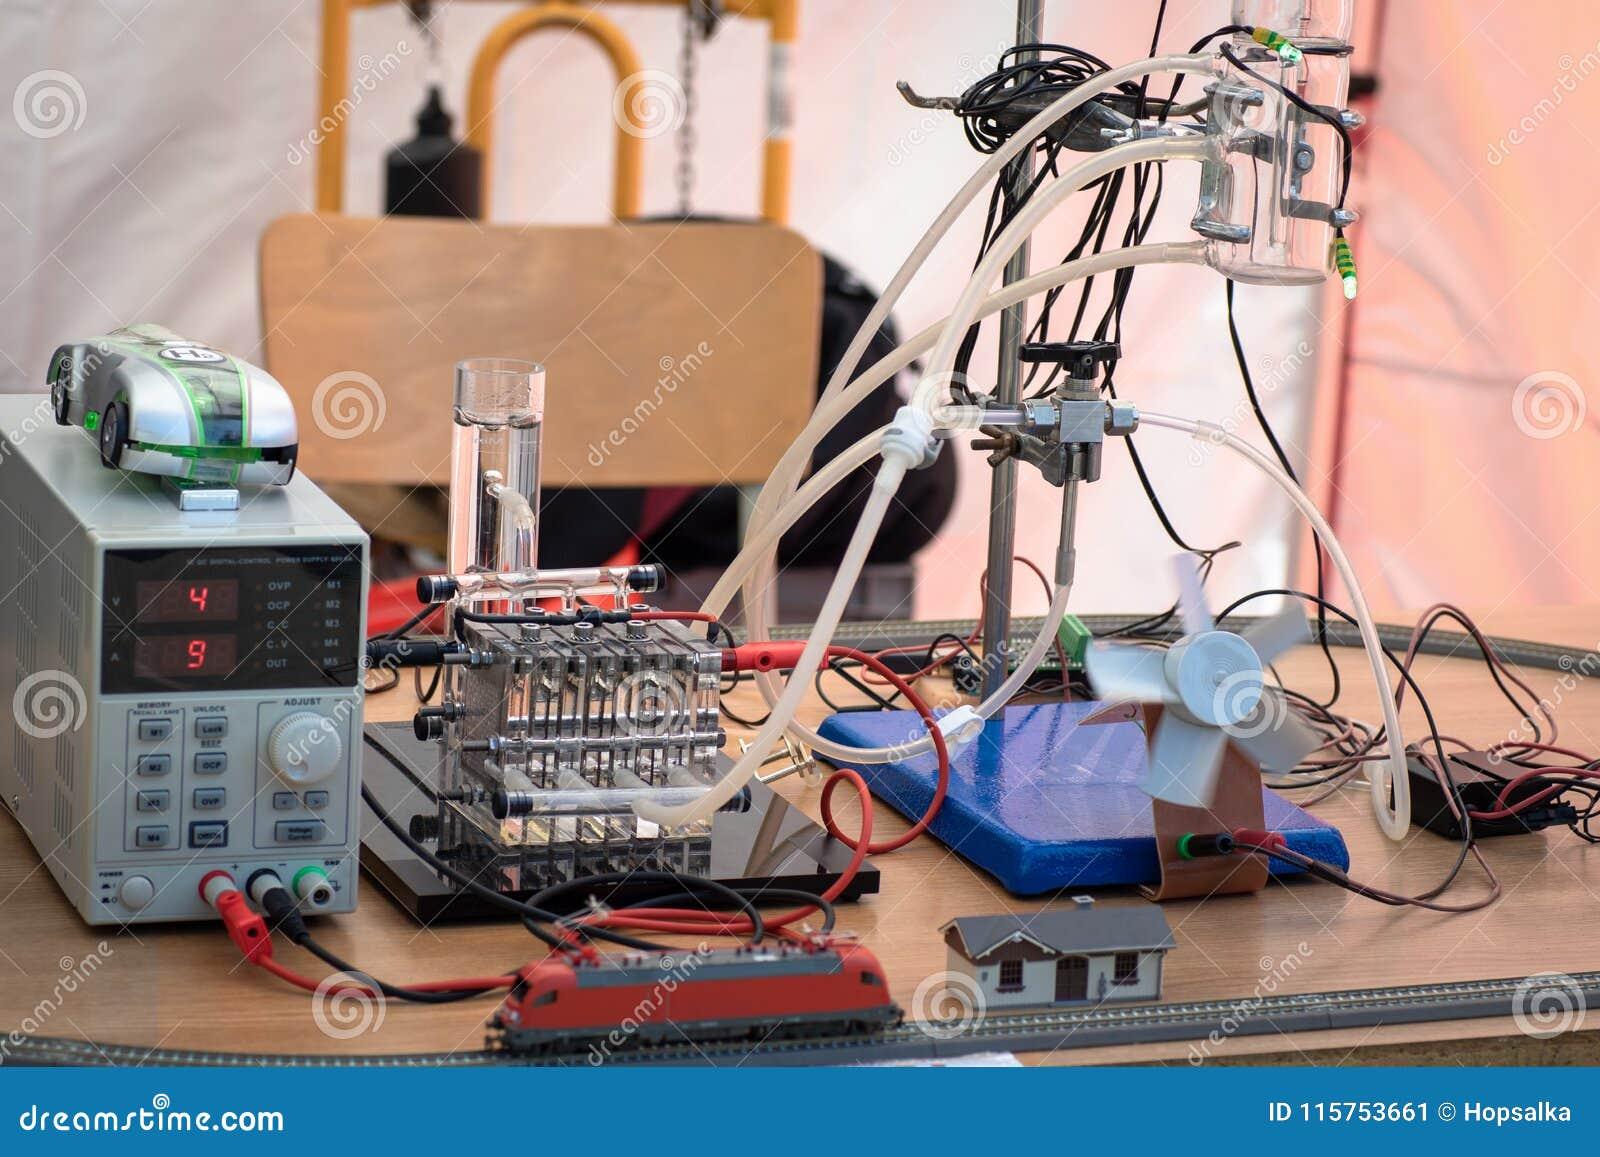 Κύτταρα καυσίμου υδρογόνου που τροφοδοτούν την πρότυπη ατμομηχανή και έναν ανεμιστήρα